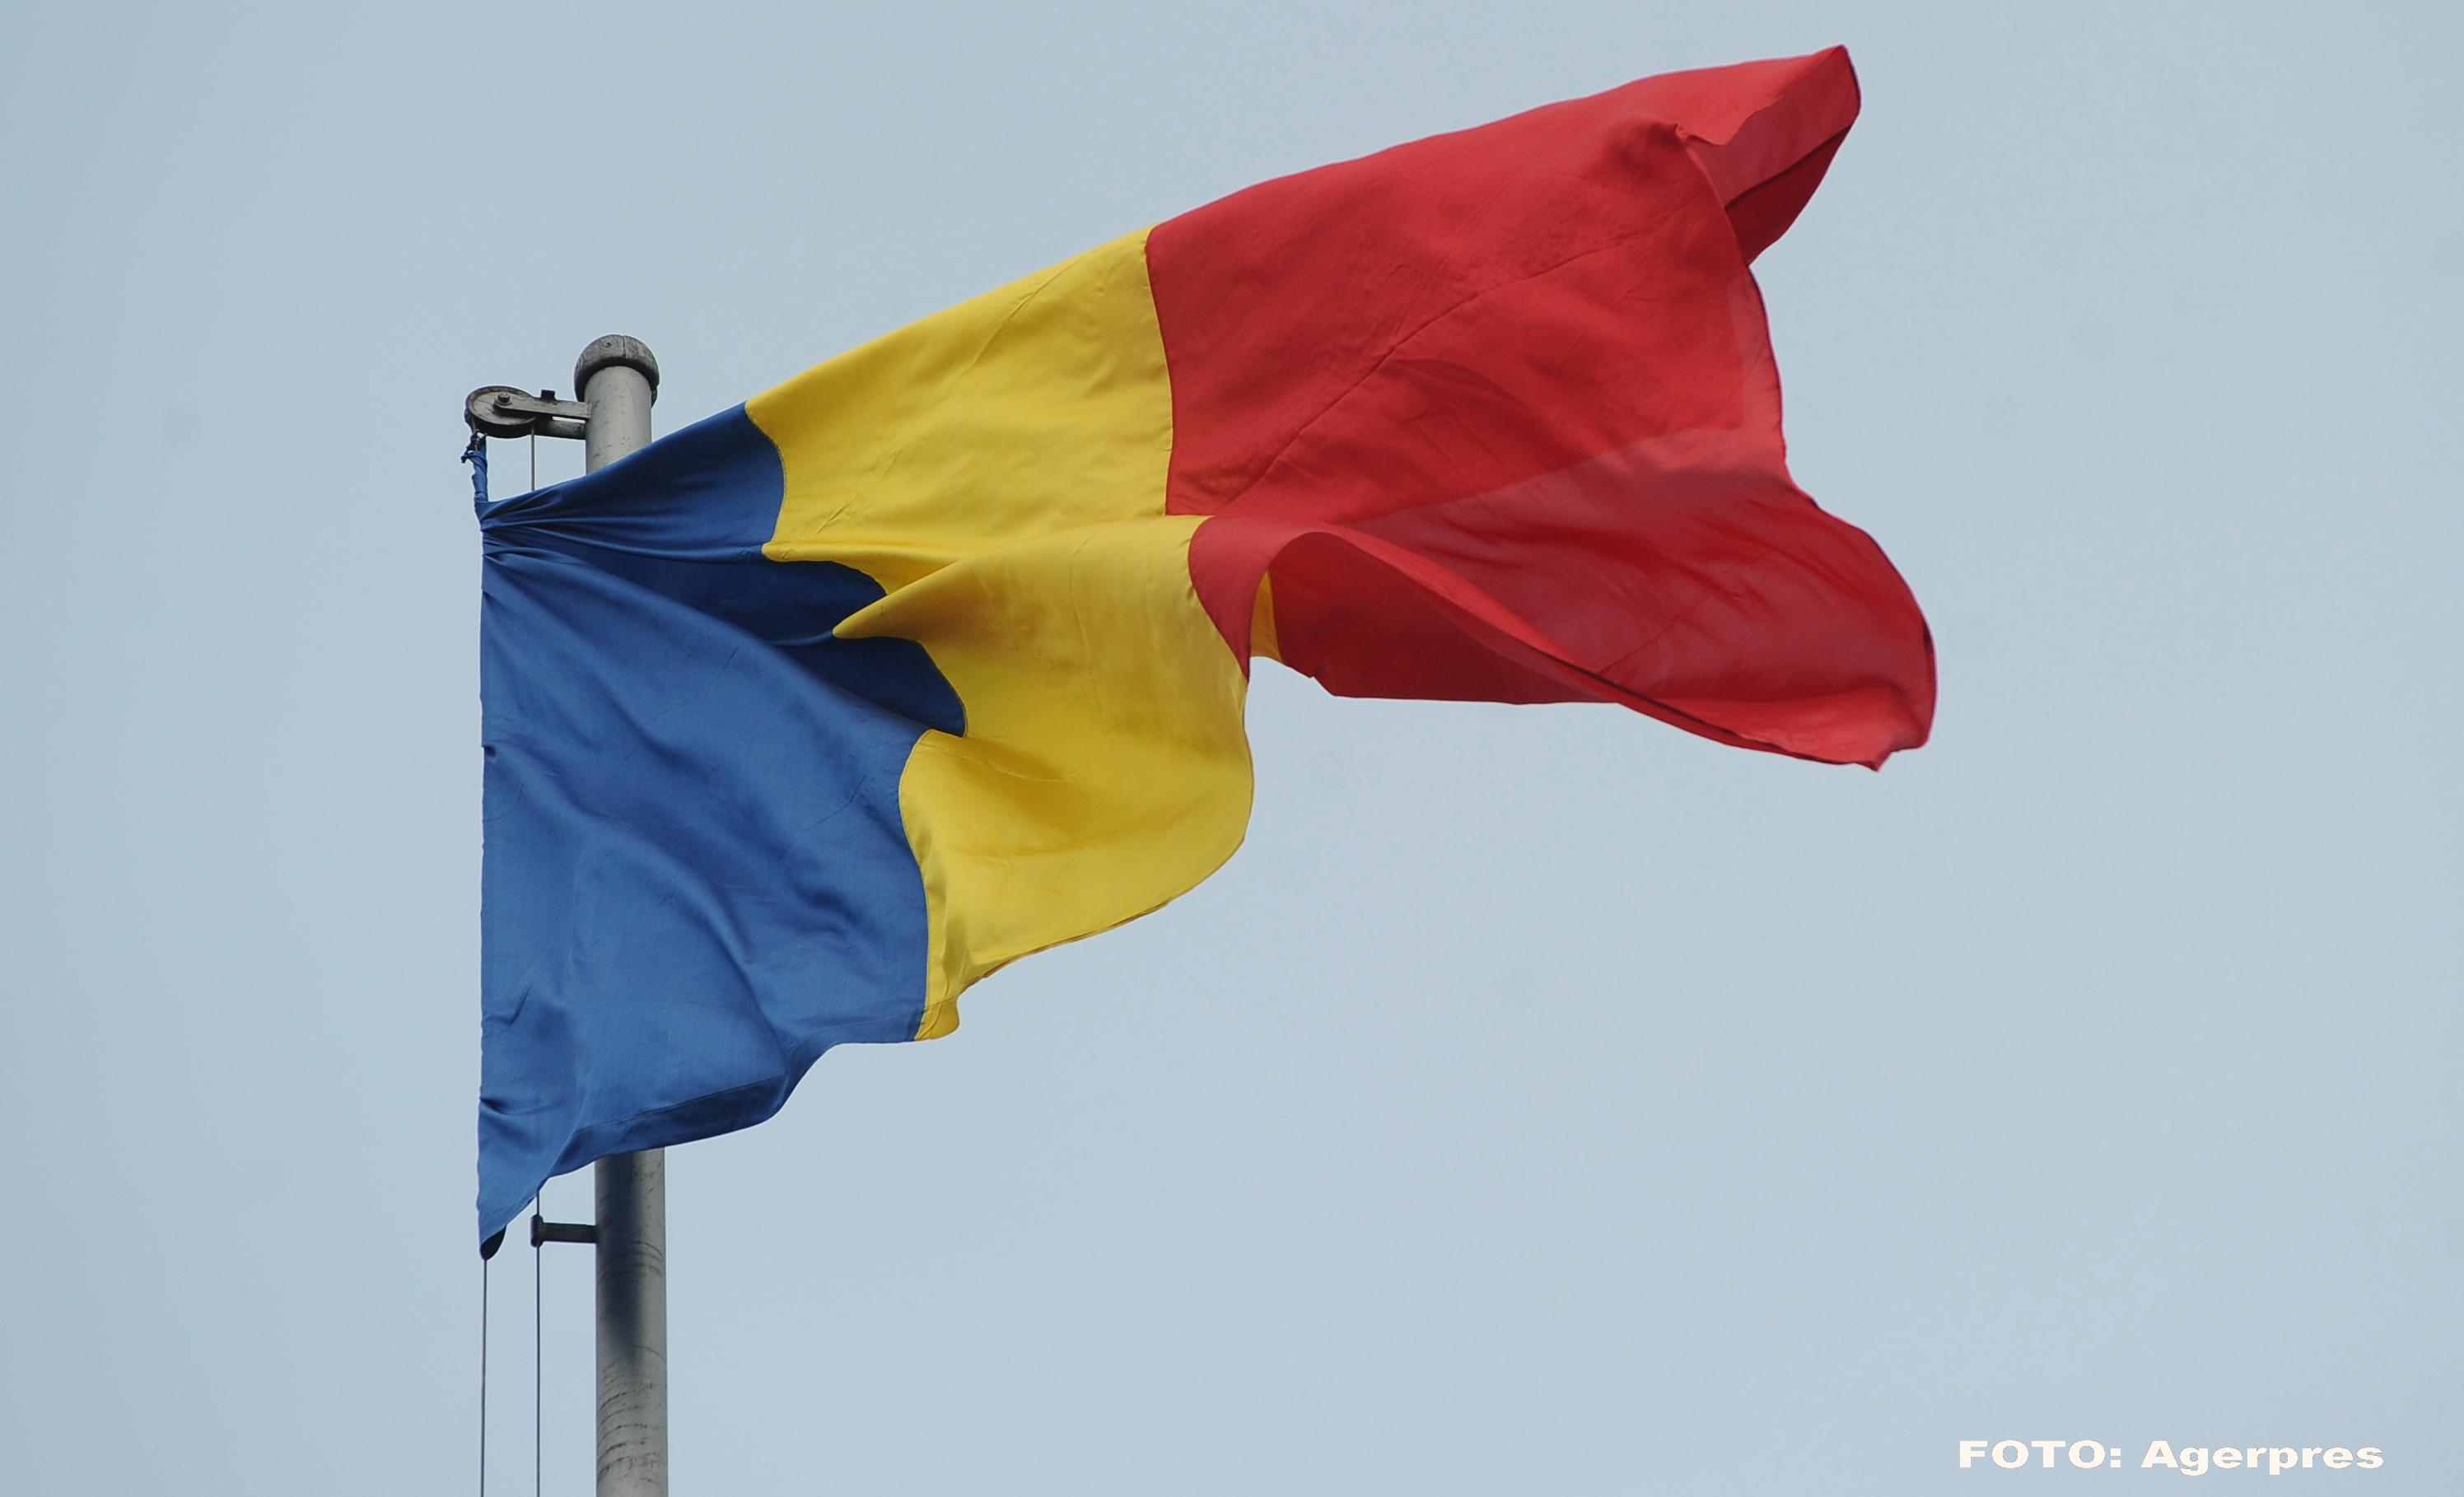 Drapelul tricolor, disparut la schimbarea patrulelor si inlocuit cu steagul secuiesc in Covasna. Reactia lui Liviu Dragnea